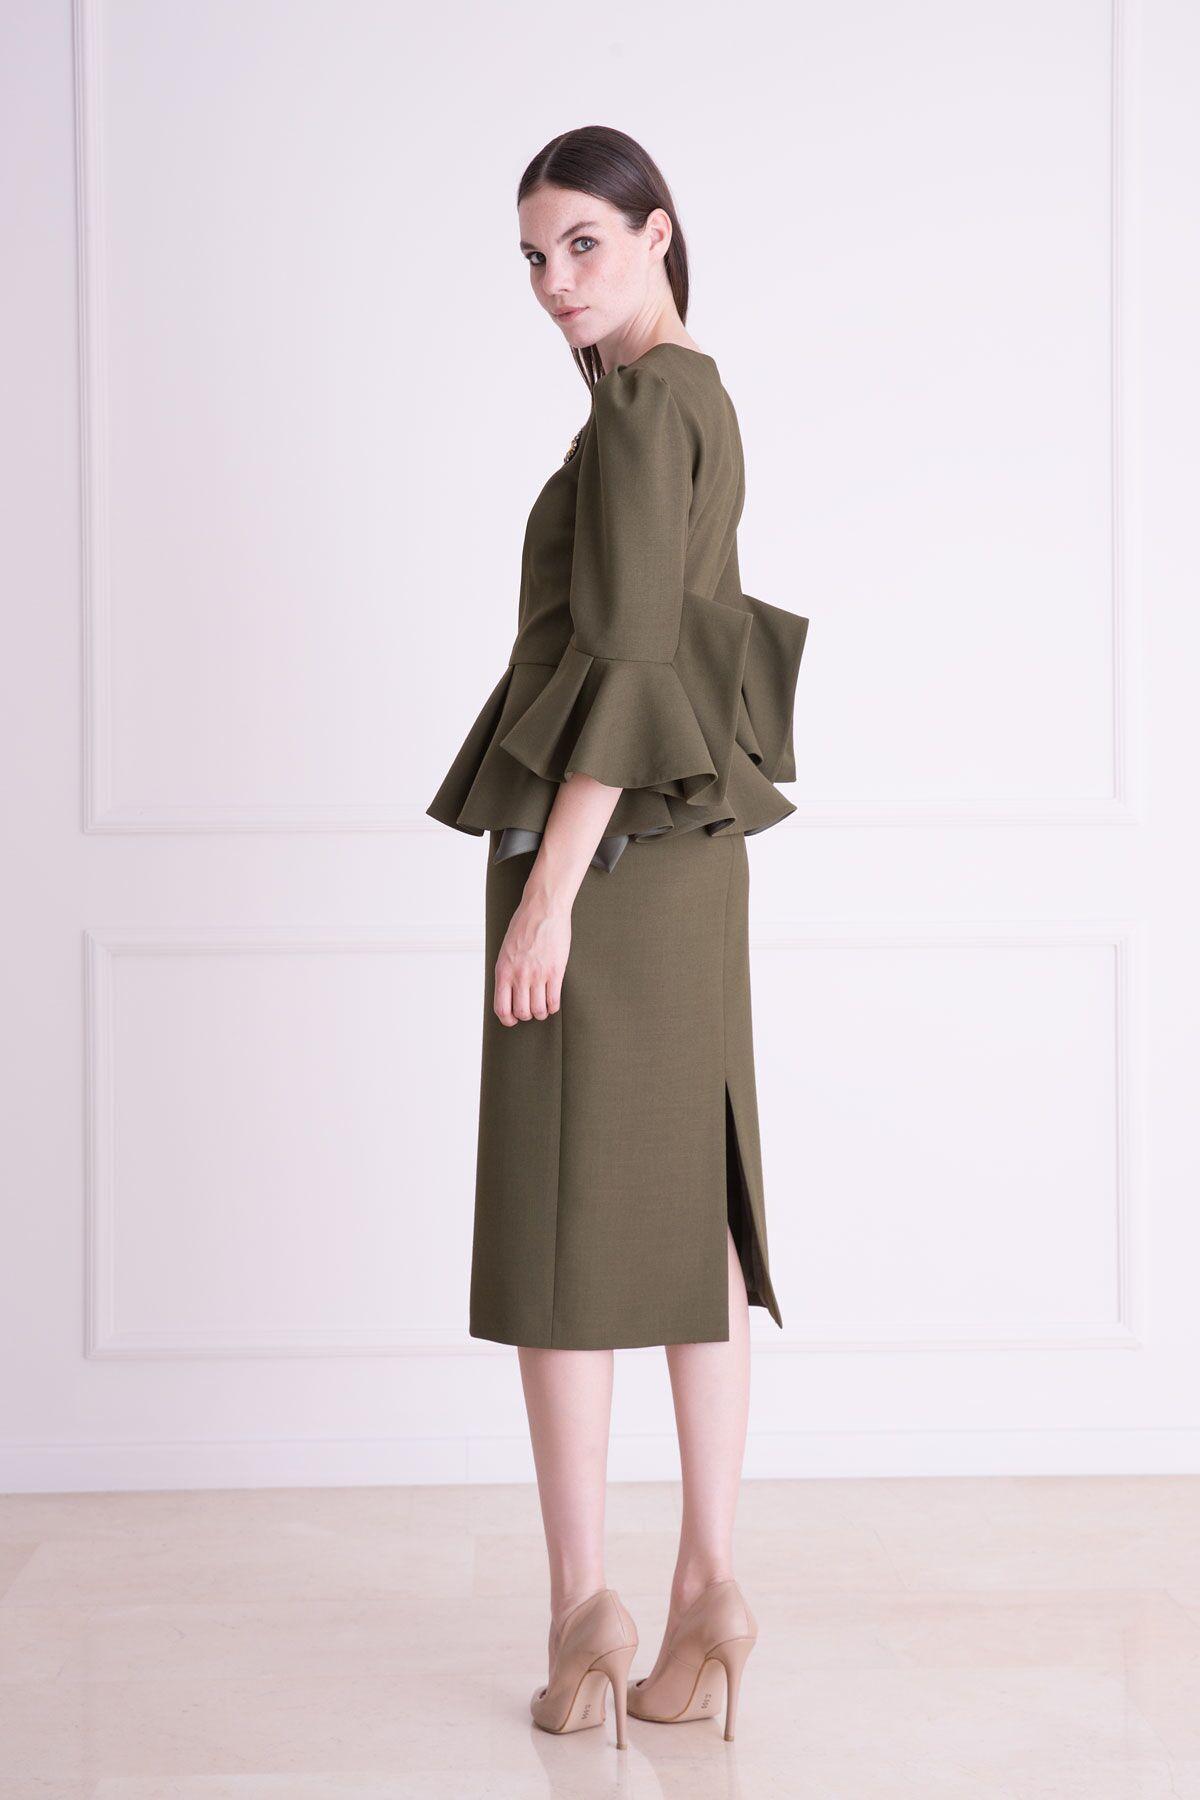 Yaka İşlemeli Volanlı Haki Yeşil Bluz